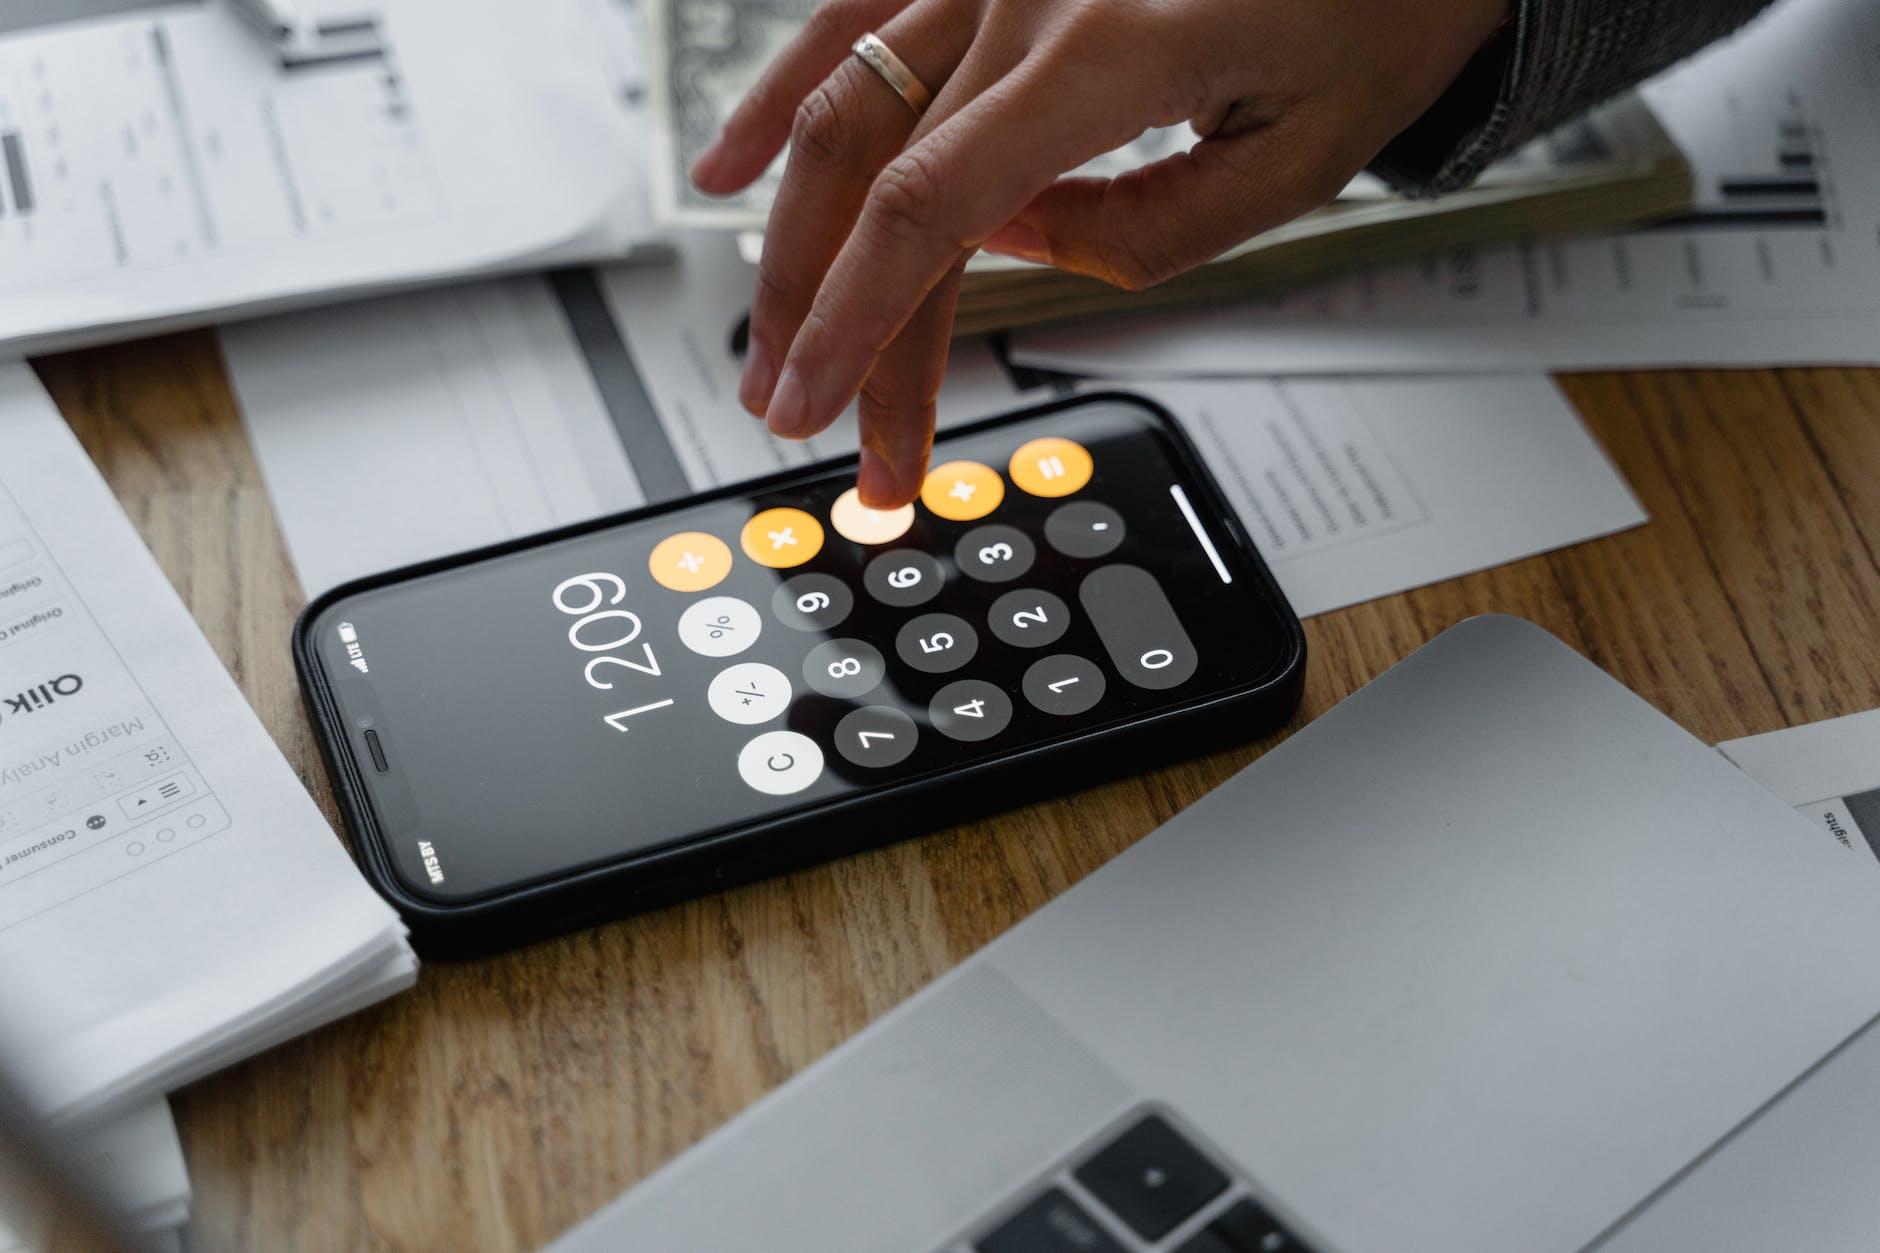 Butuh pinjaman modal untuk usaha?